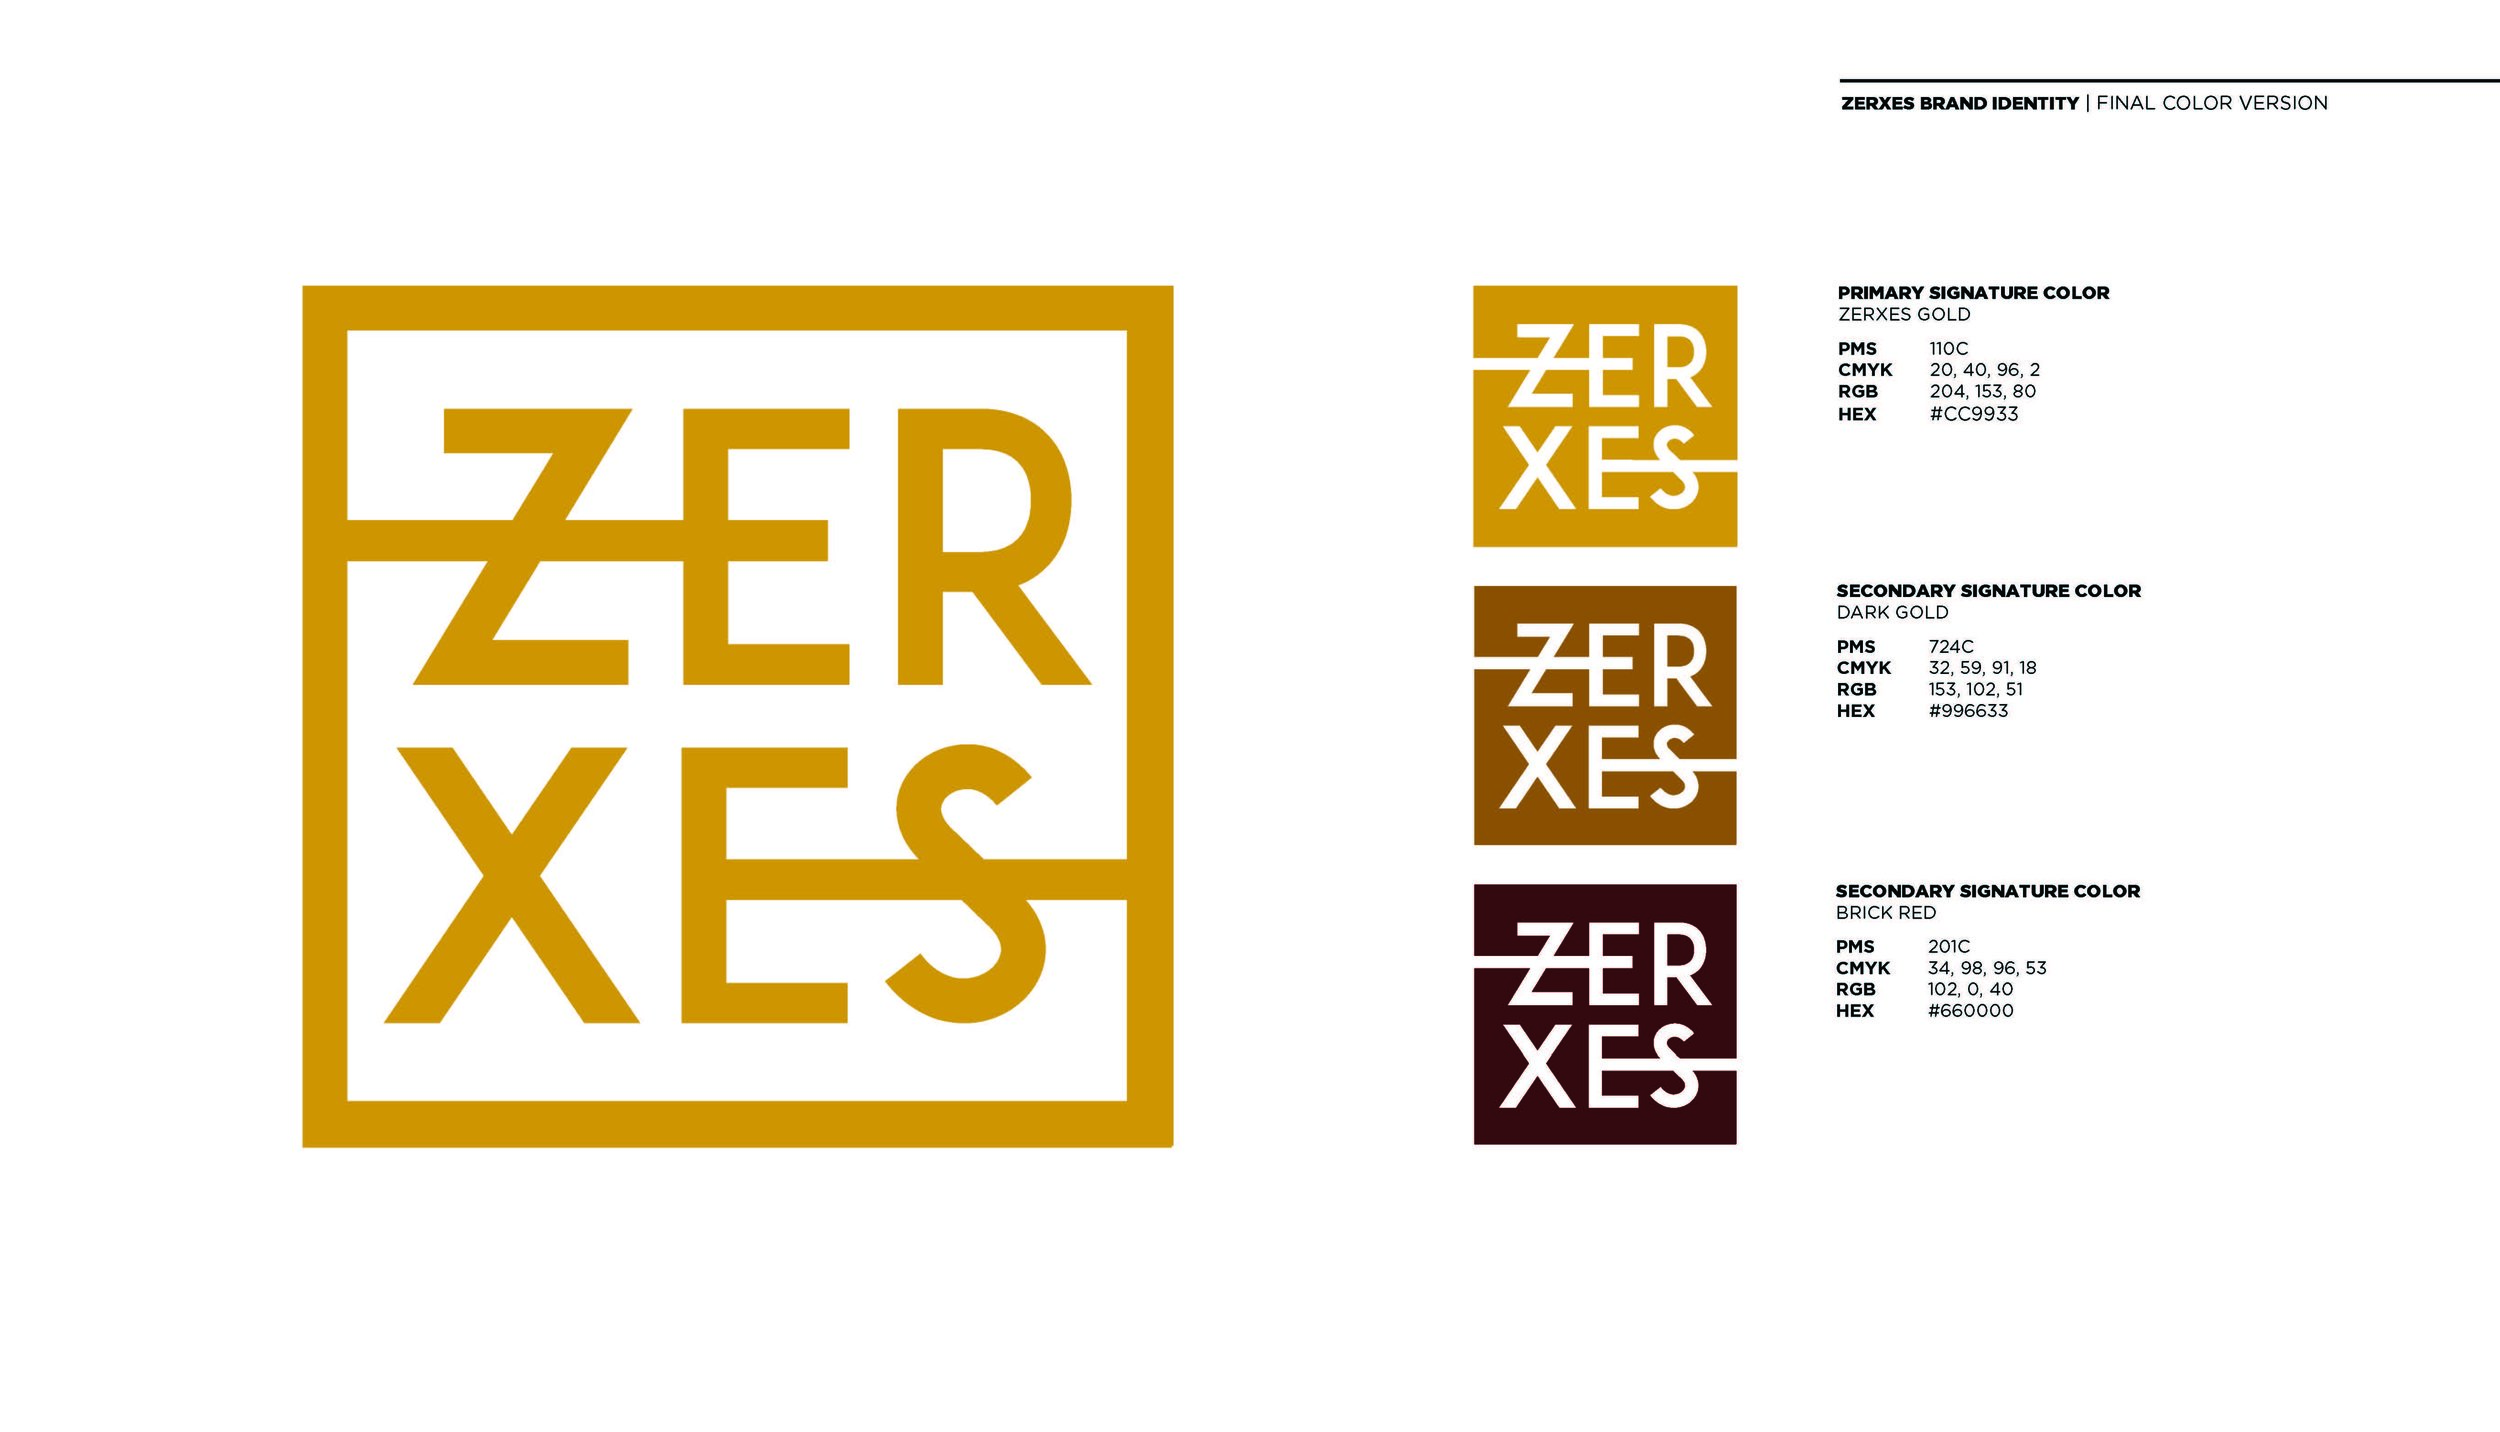 zerxes+design+process_Page_06.jpg